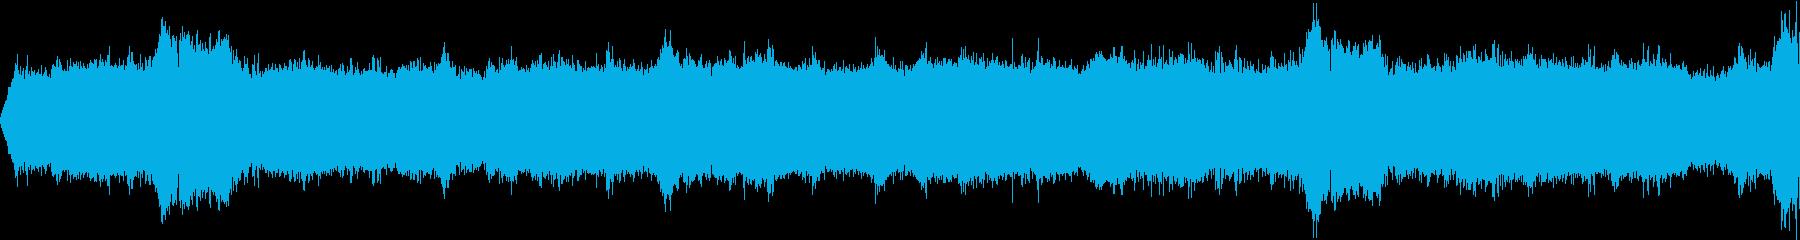 【環境音25分】夕方のスズムシやコオロギの再生済みの波形